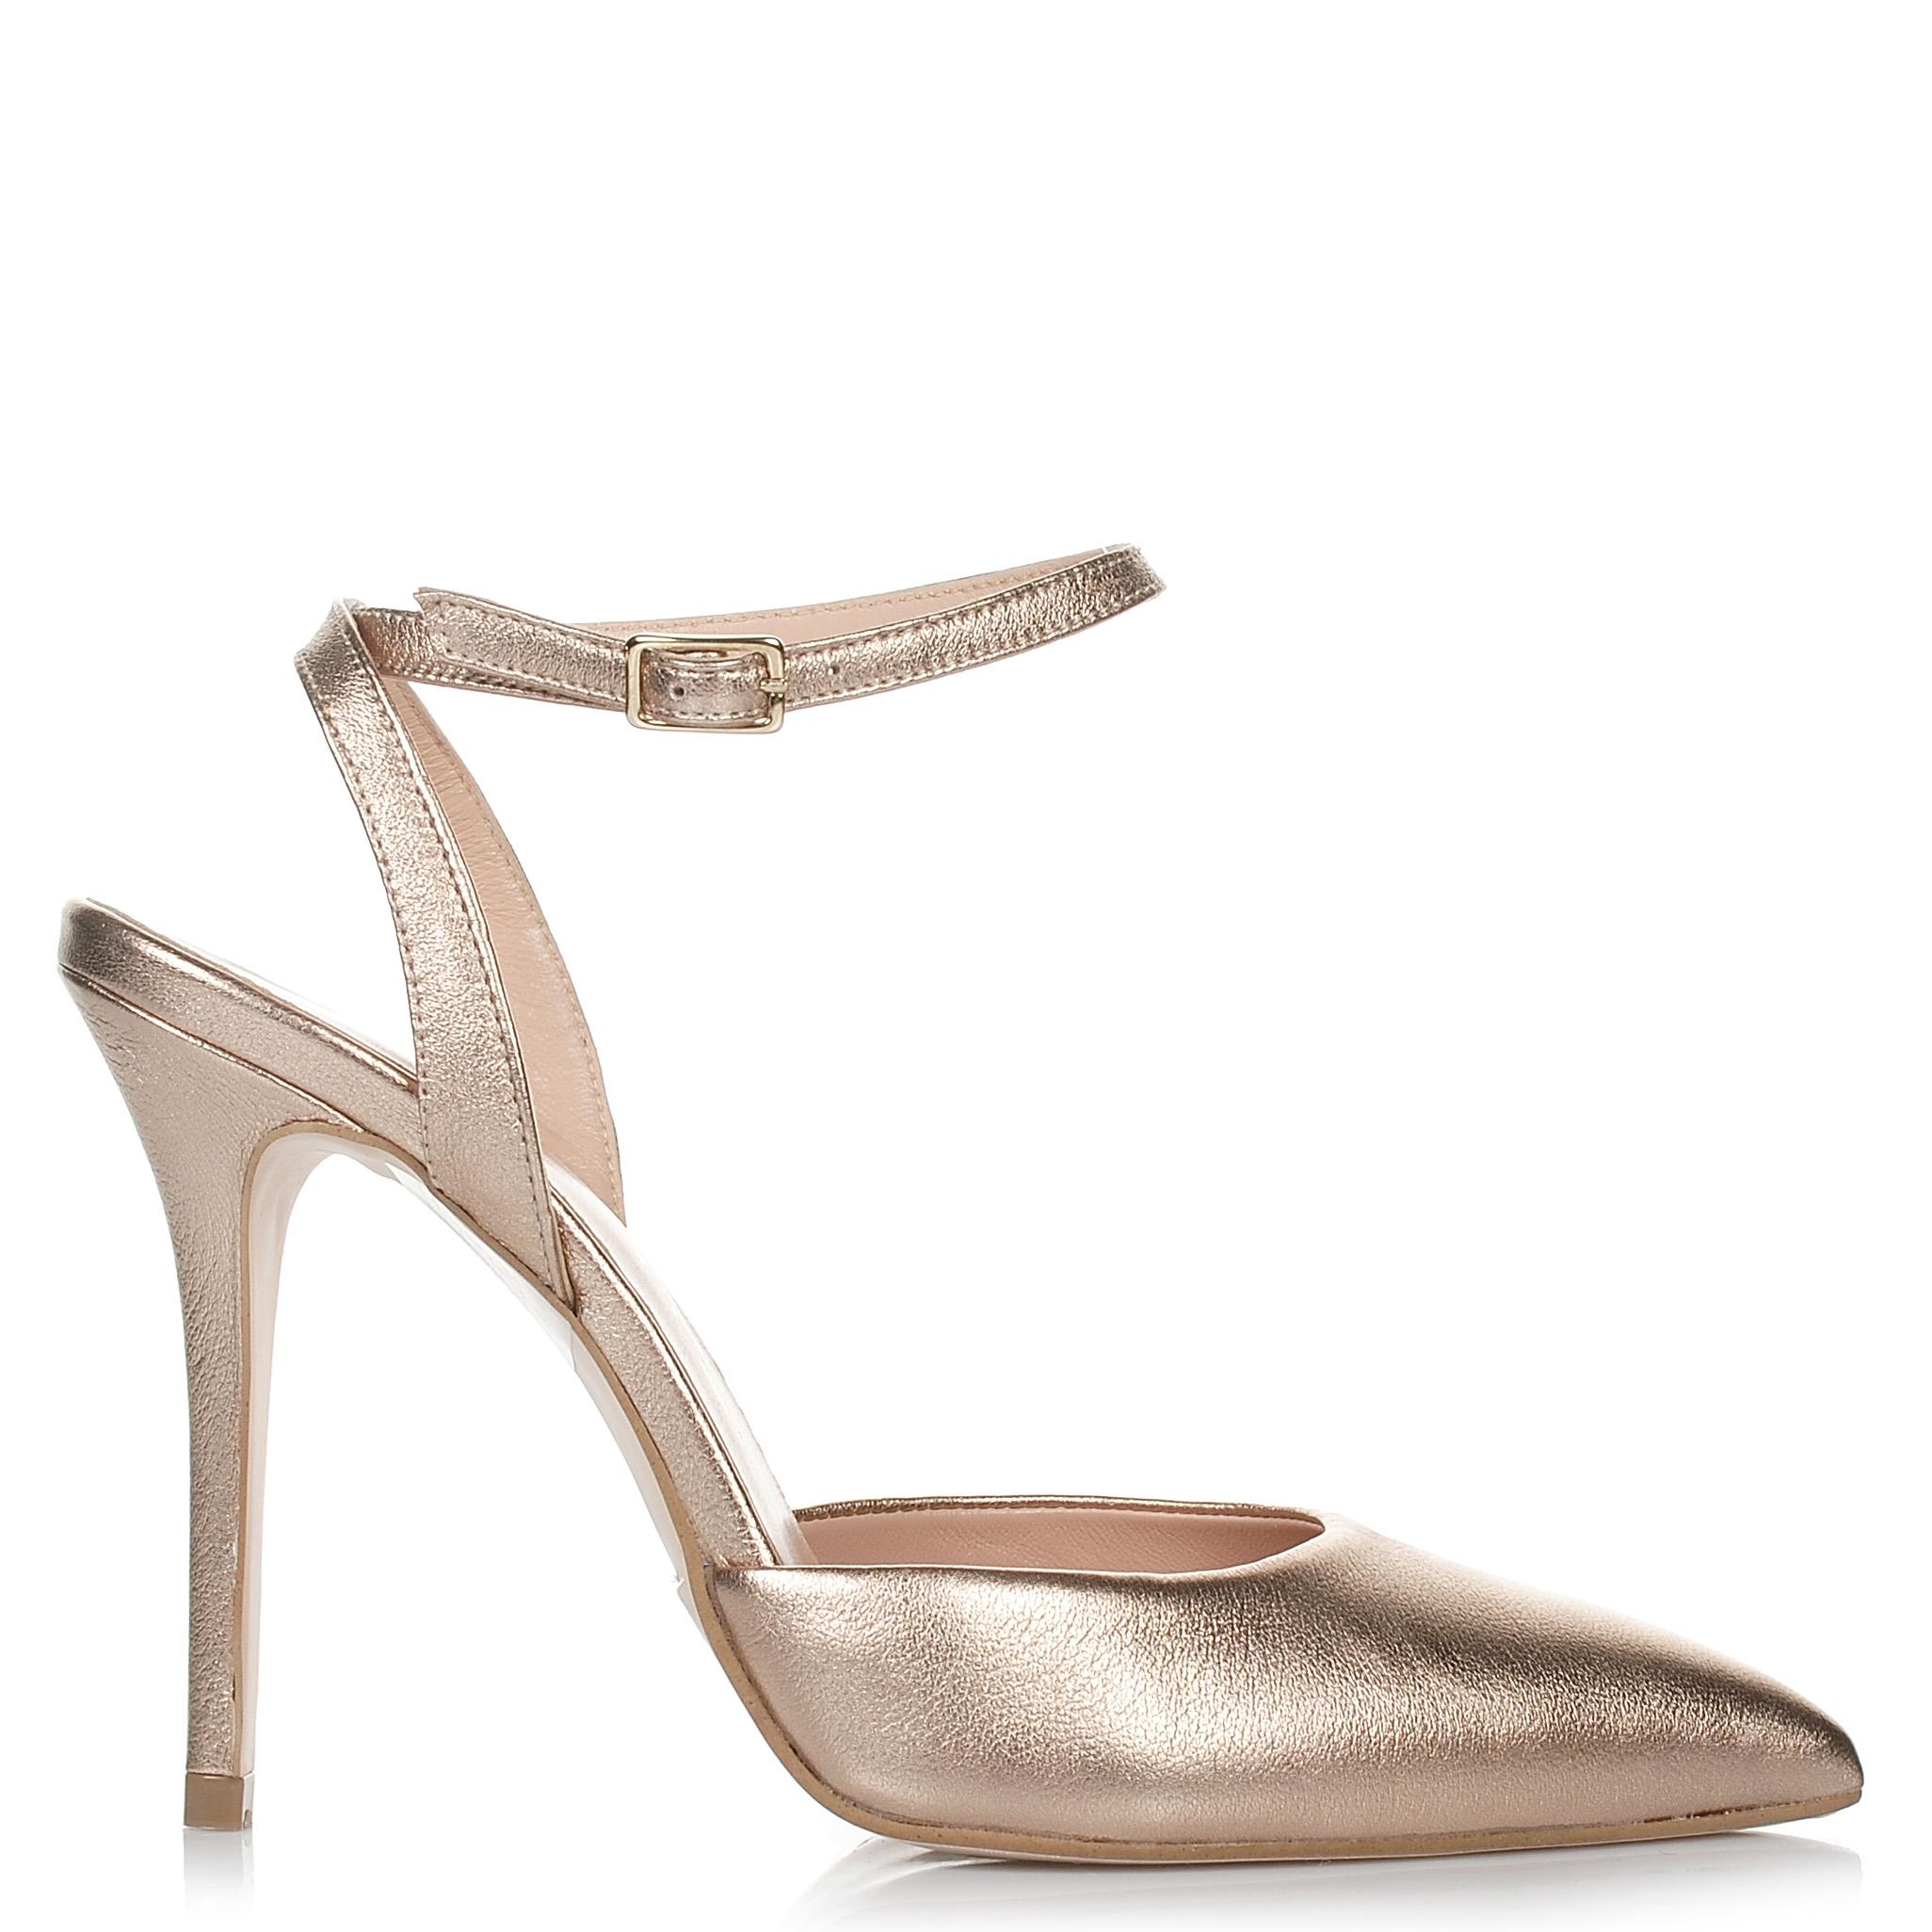 Δερμάτινες Γόβες Mourtzi 10/100476 γυναικα   γυναικείο παπούτσι